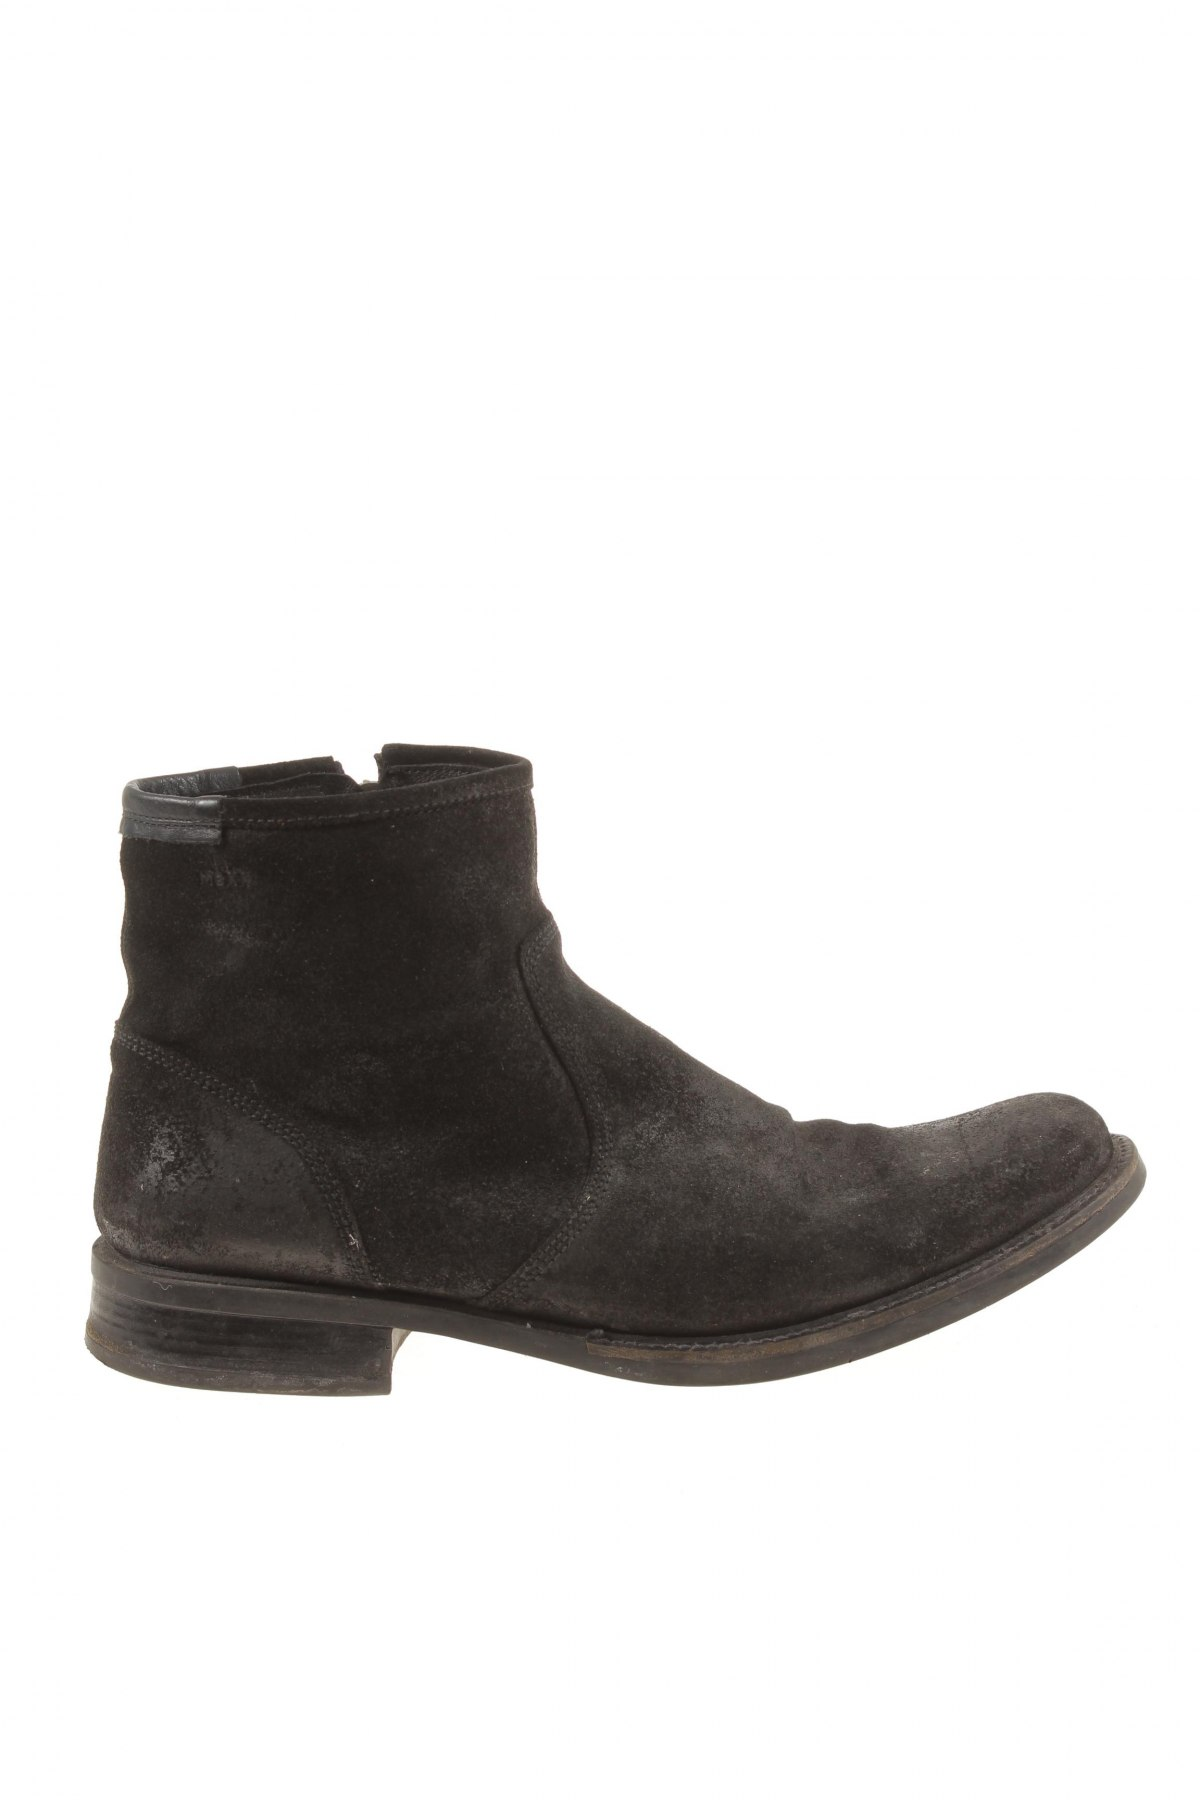 Ανδρικά παπούτσια Mexx - σε συμφέρουσα τιμή στο Remix -  102691674 35b18c16982